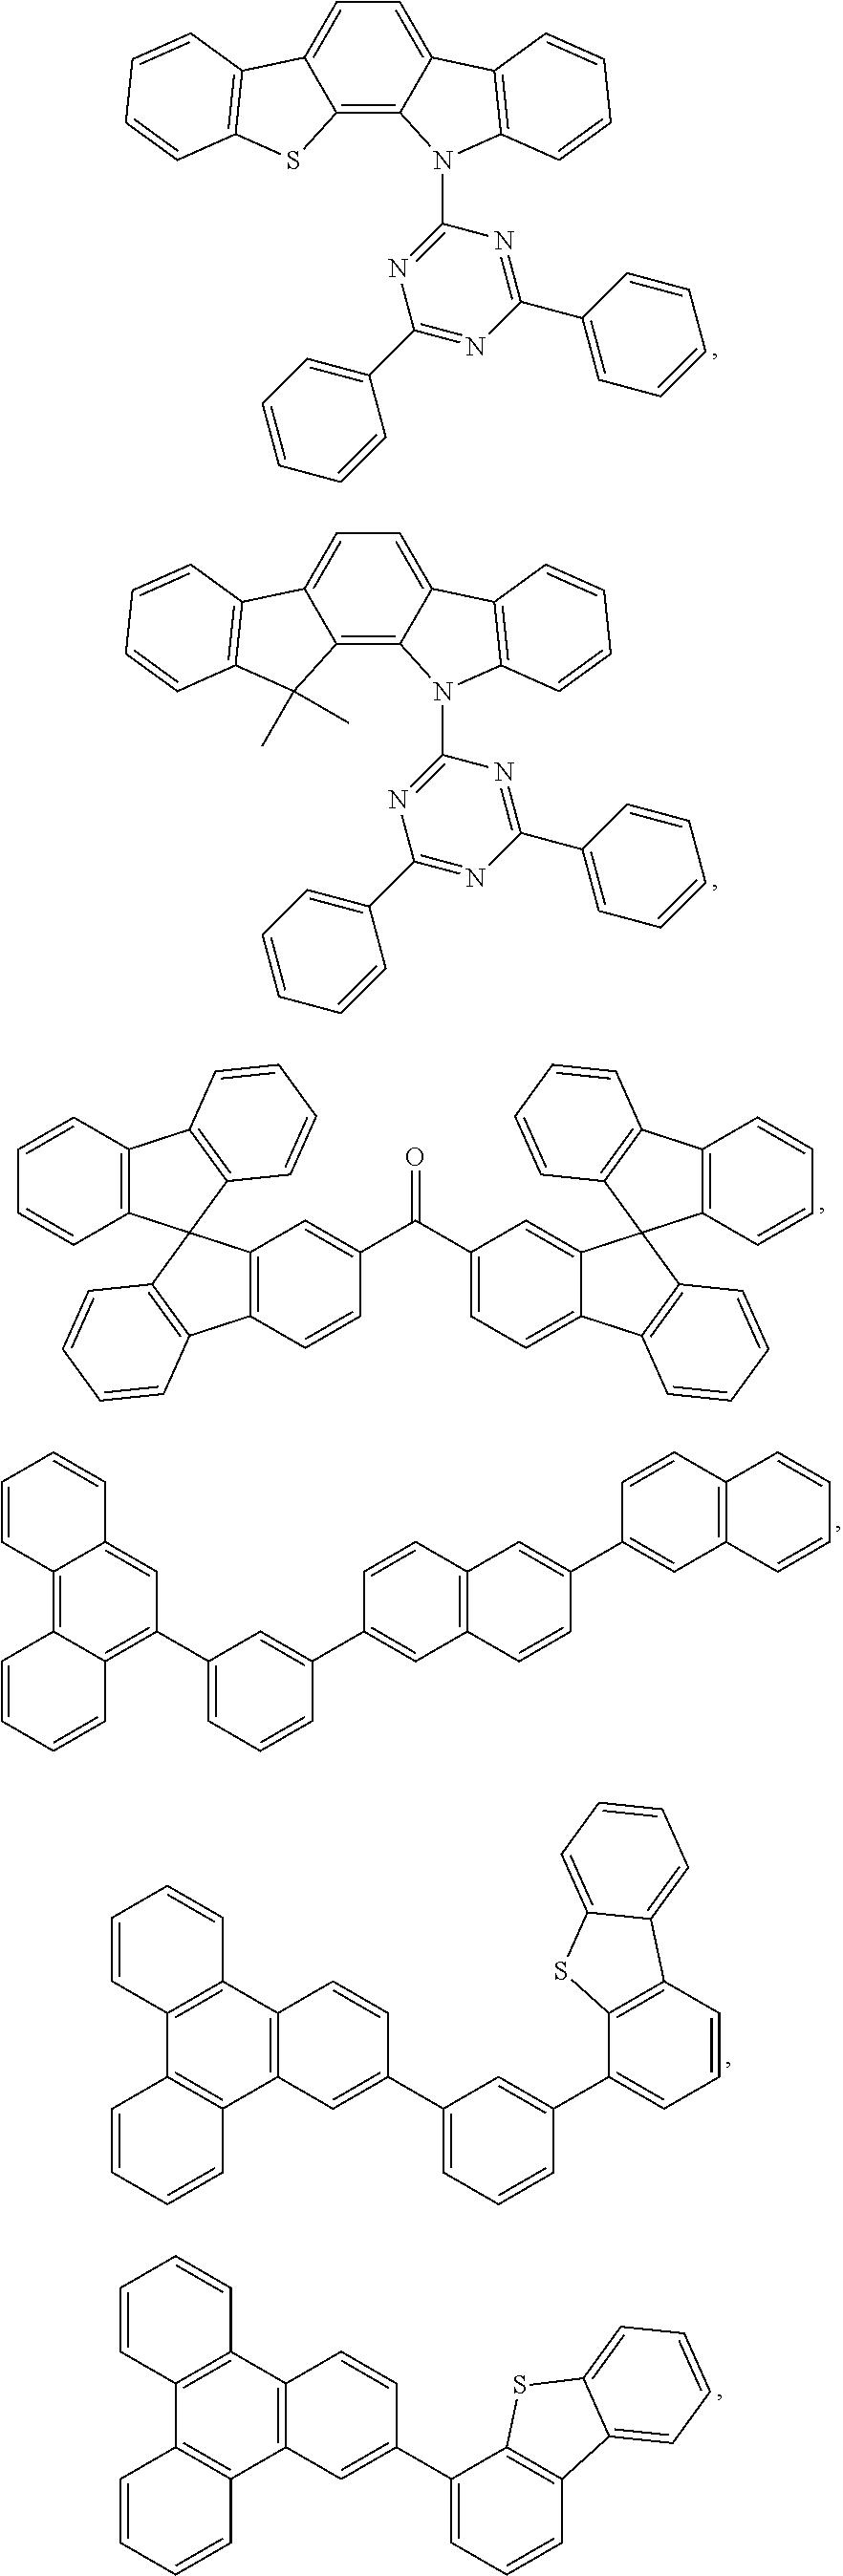 Figure US09935277-20180403-C00092